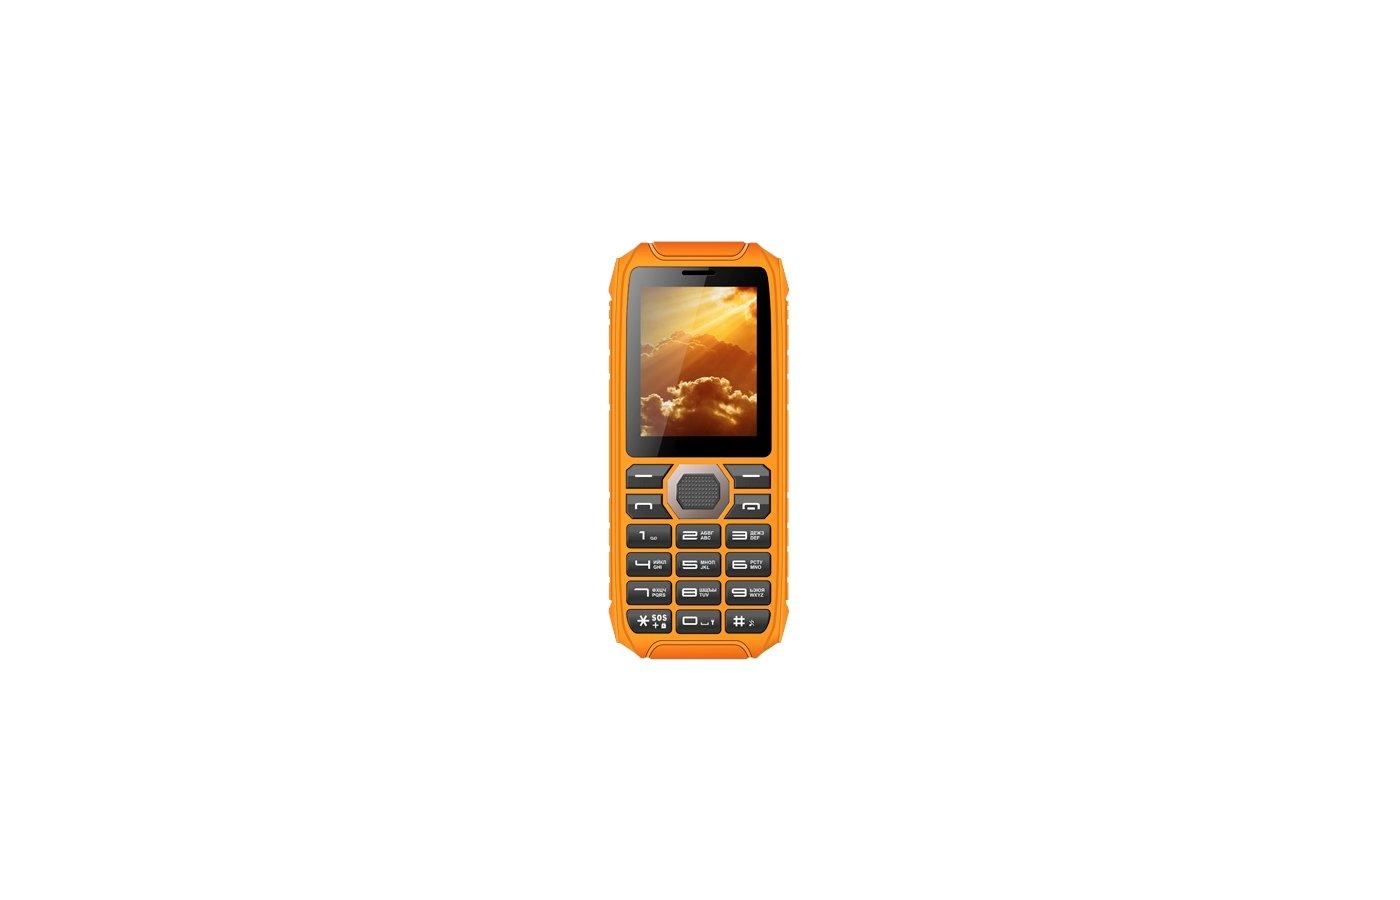 Мобильный телефон Vertex K201 черный/оранжевый